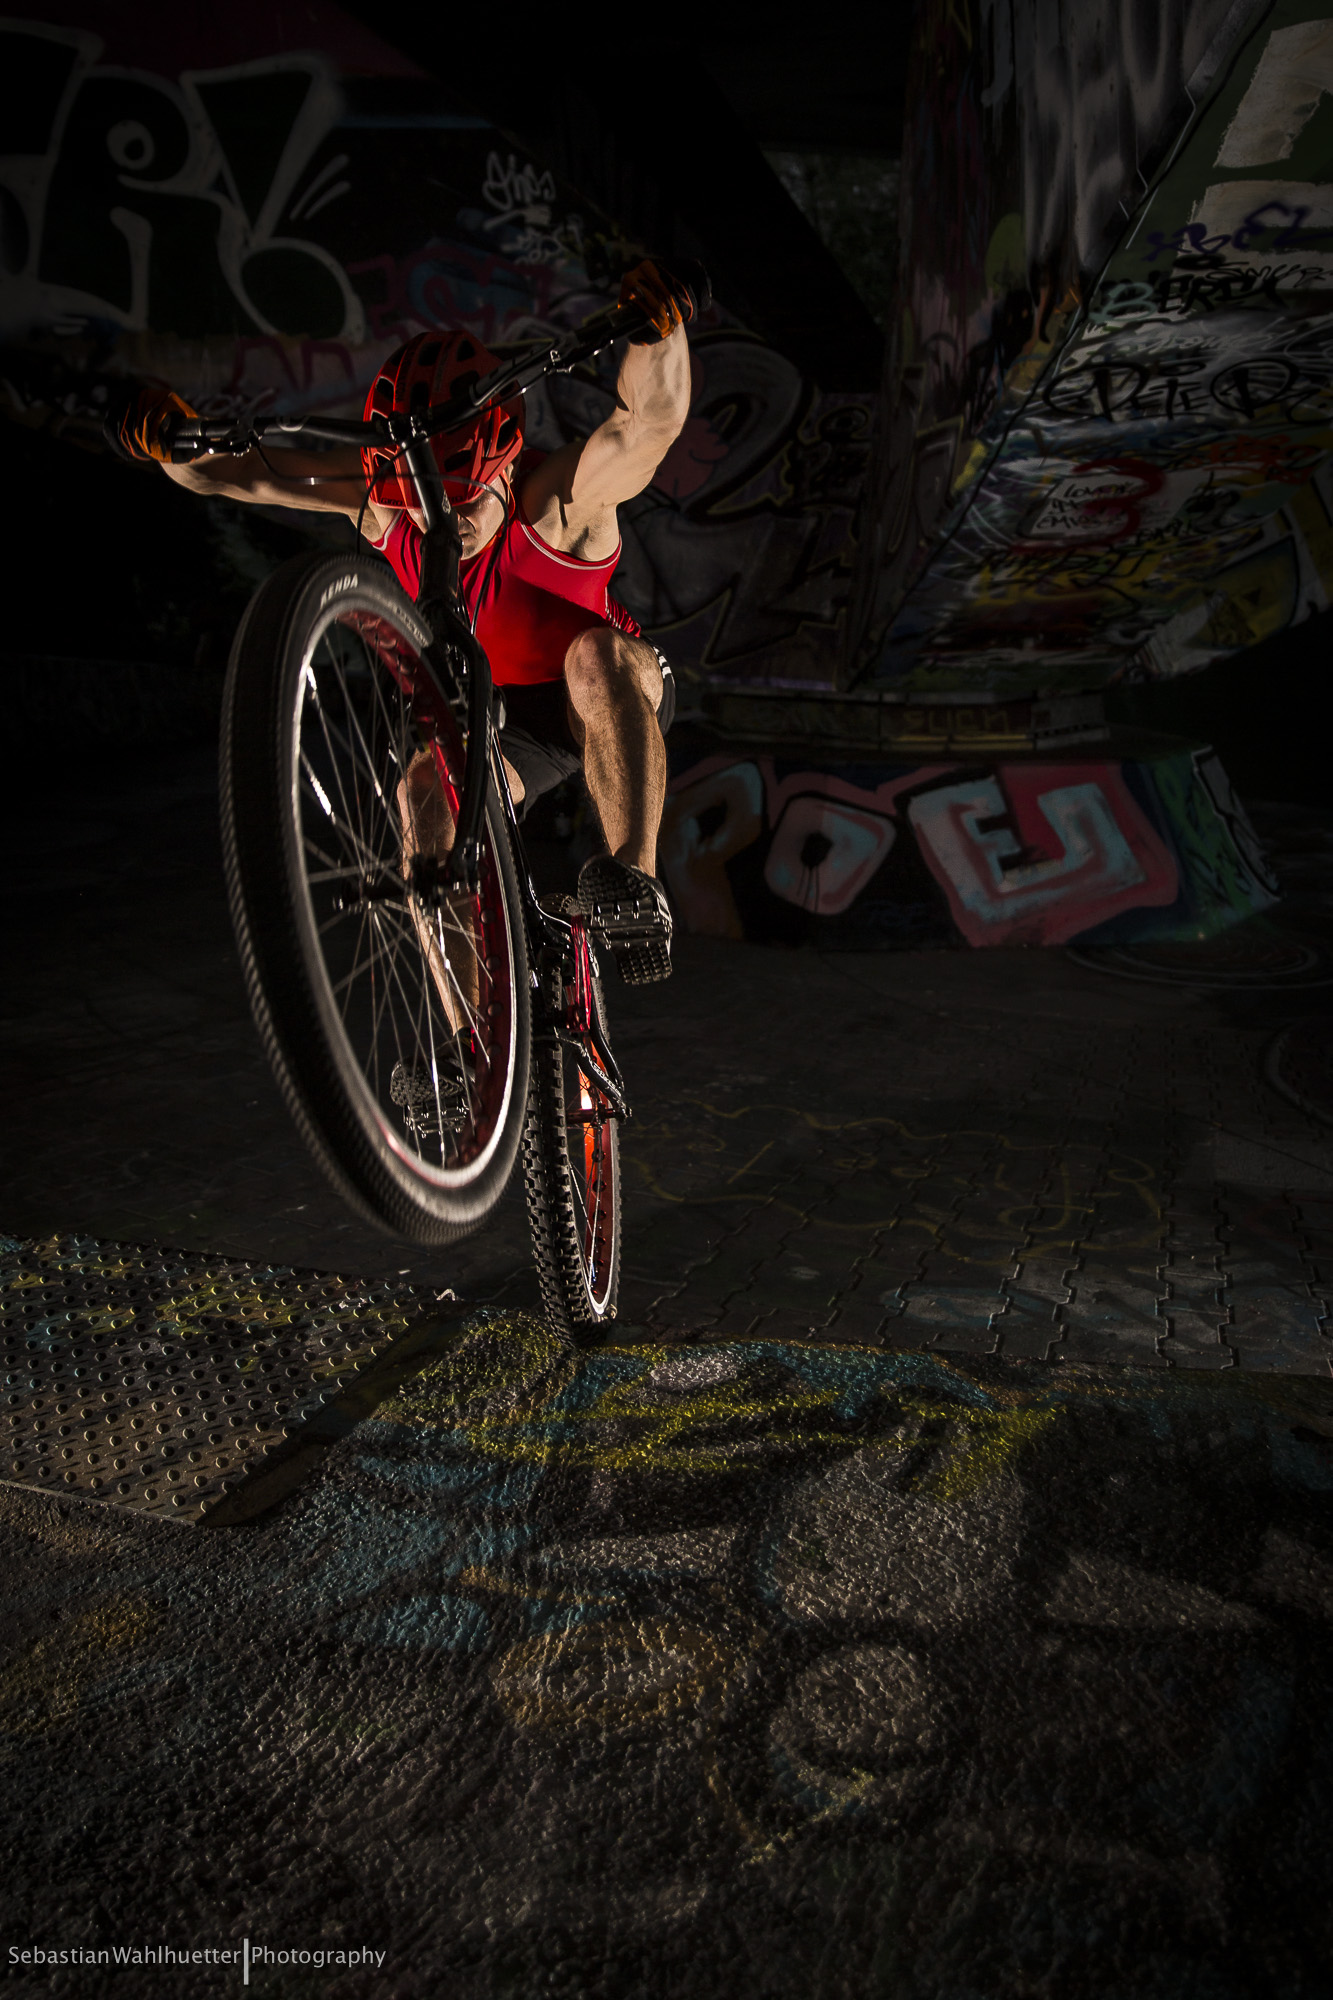 Biketrial-Wahlhuetter-Vienna-DK-12